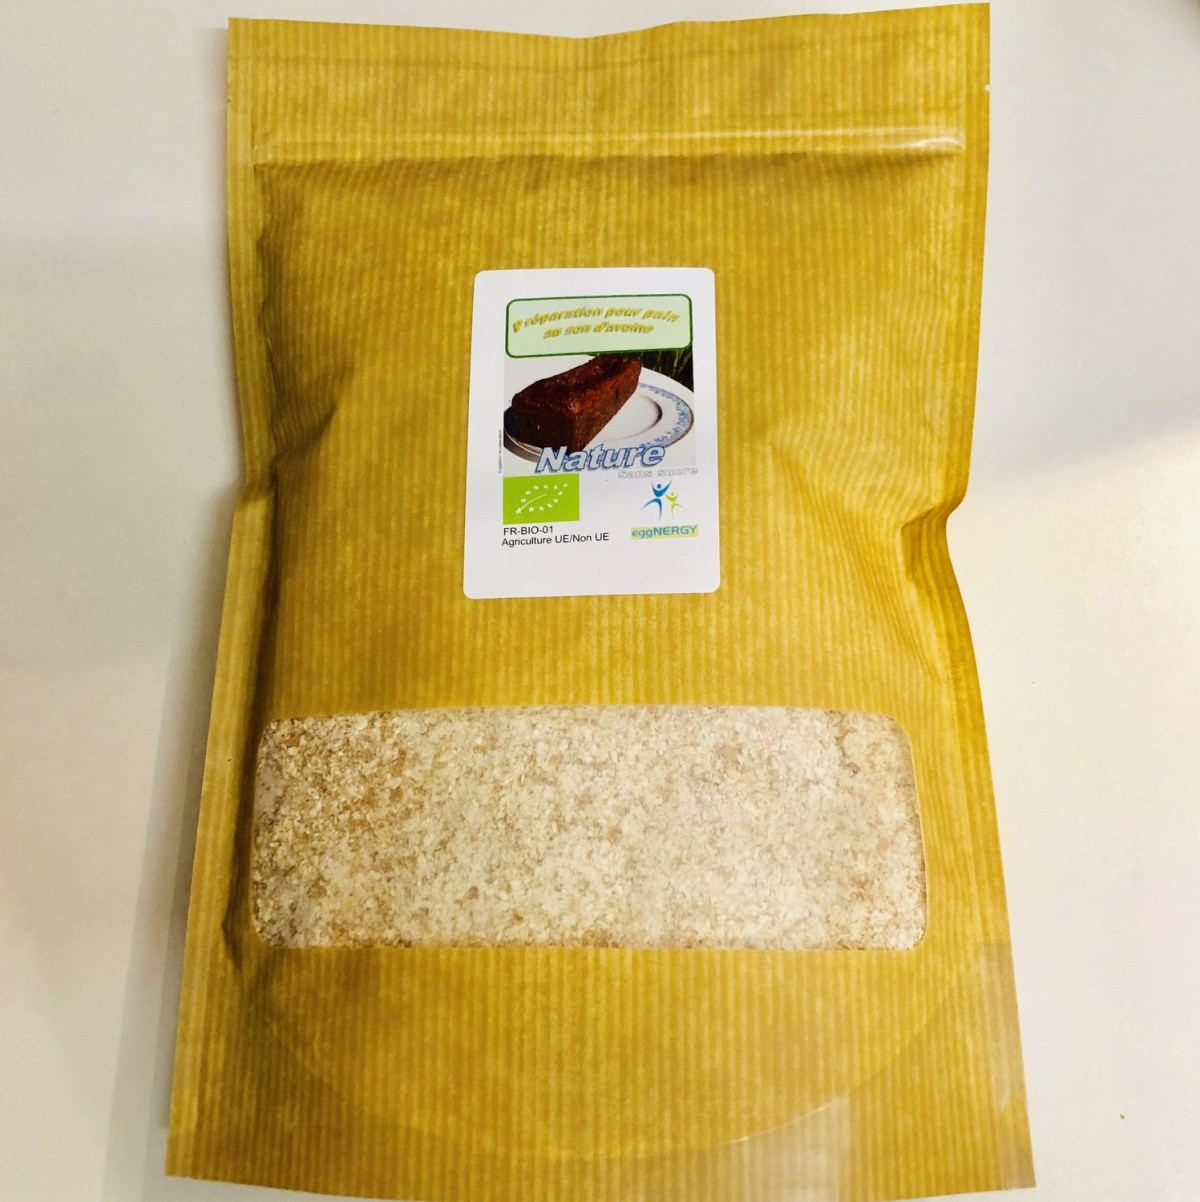 Préparation pour galettes protéinées bio au blanc d'œuf (Nature) en 1 kg